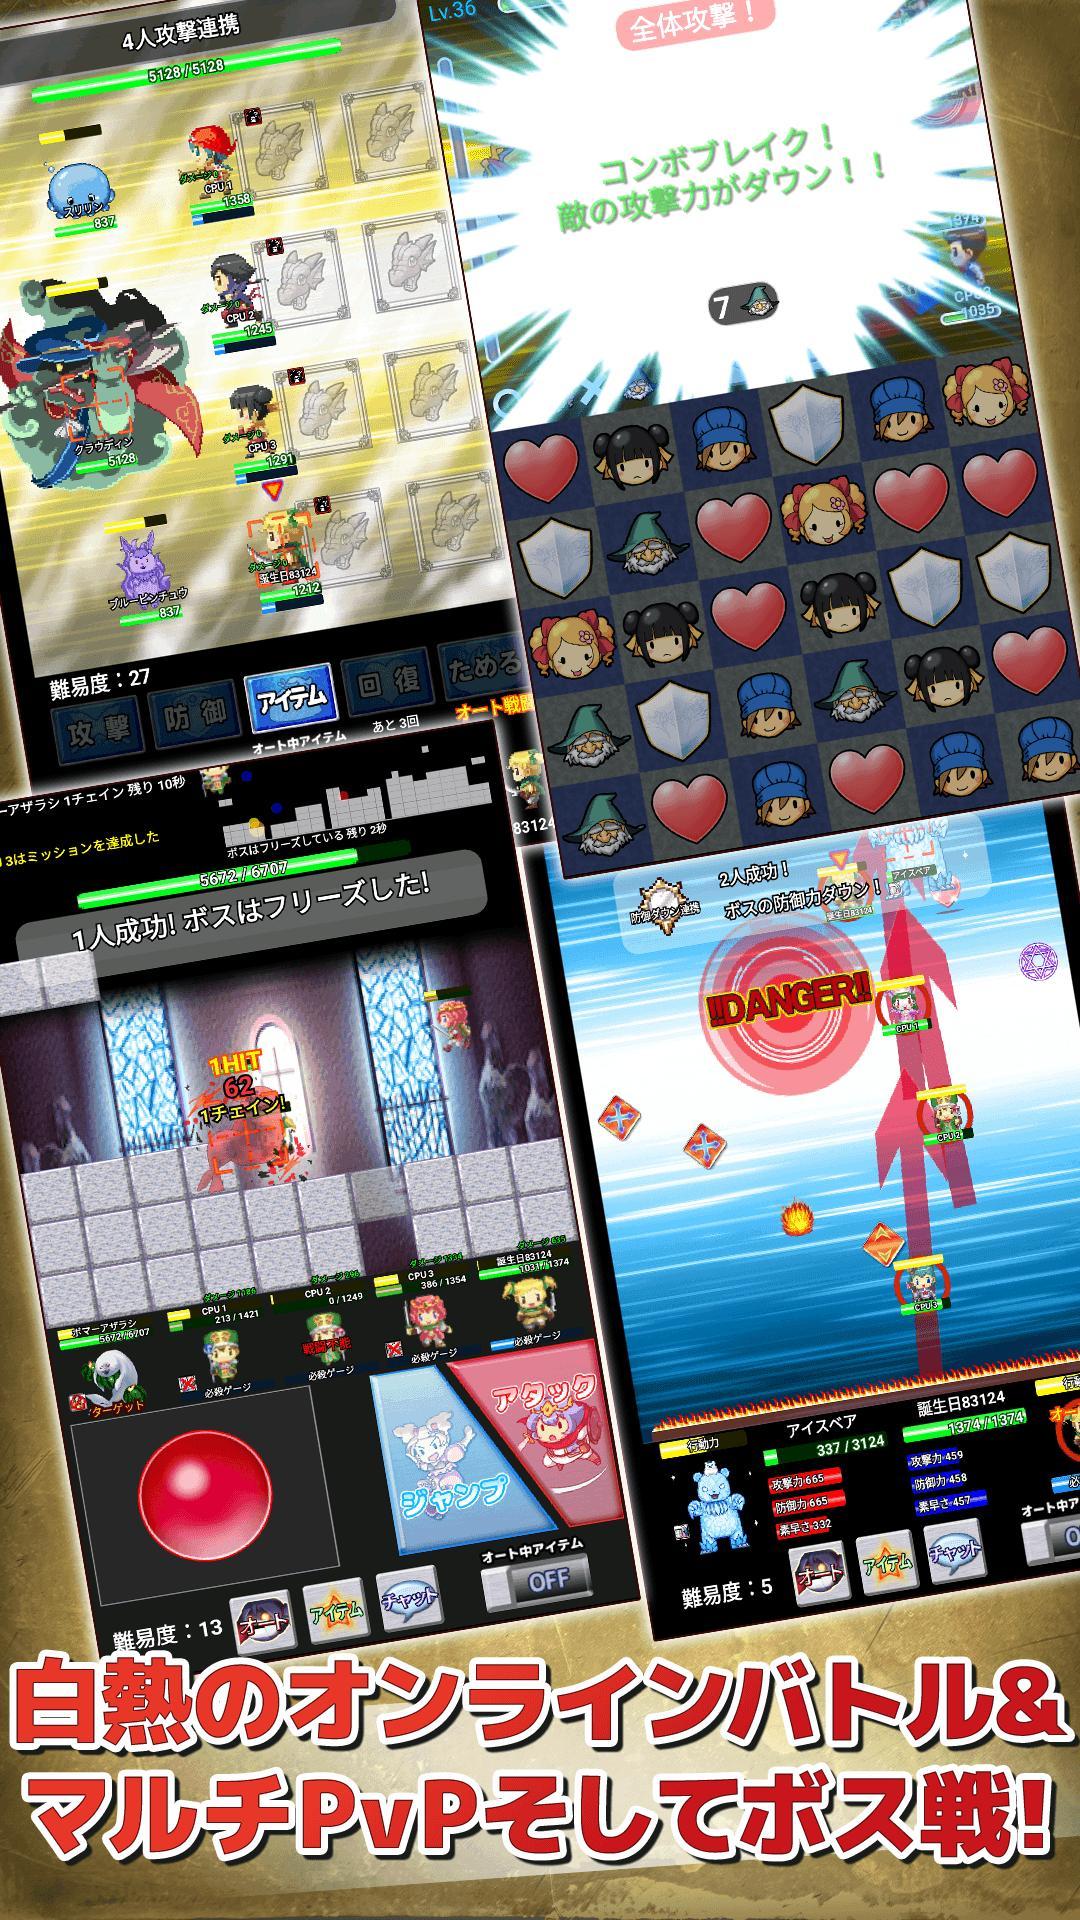 お小遣い×RPG☆RPGゲームでお小遣い稼ぎ!ポイント稼げるアプリ【Card RPG】 5.7.6 Screenshot 2